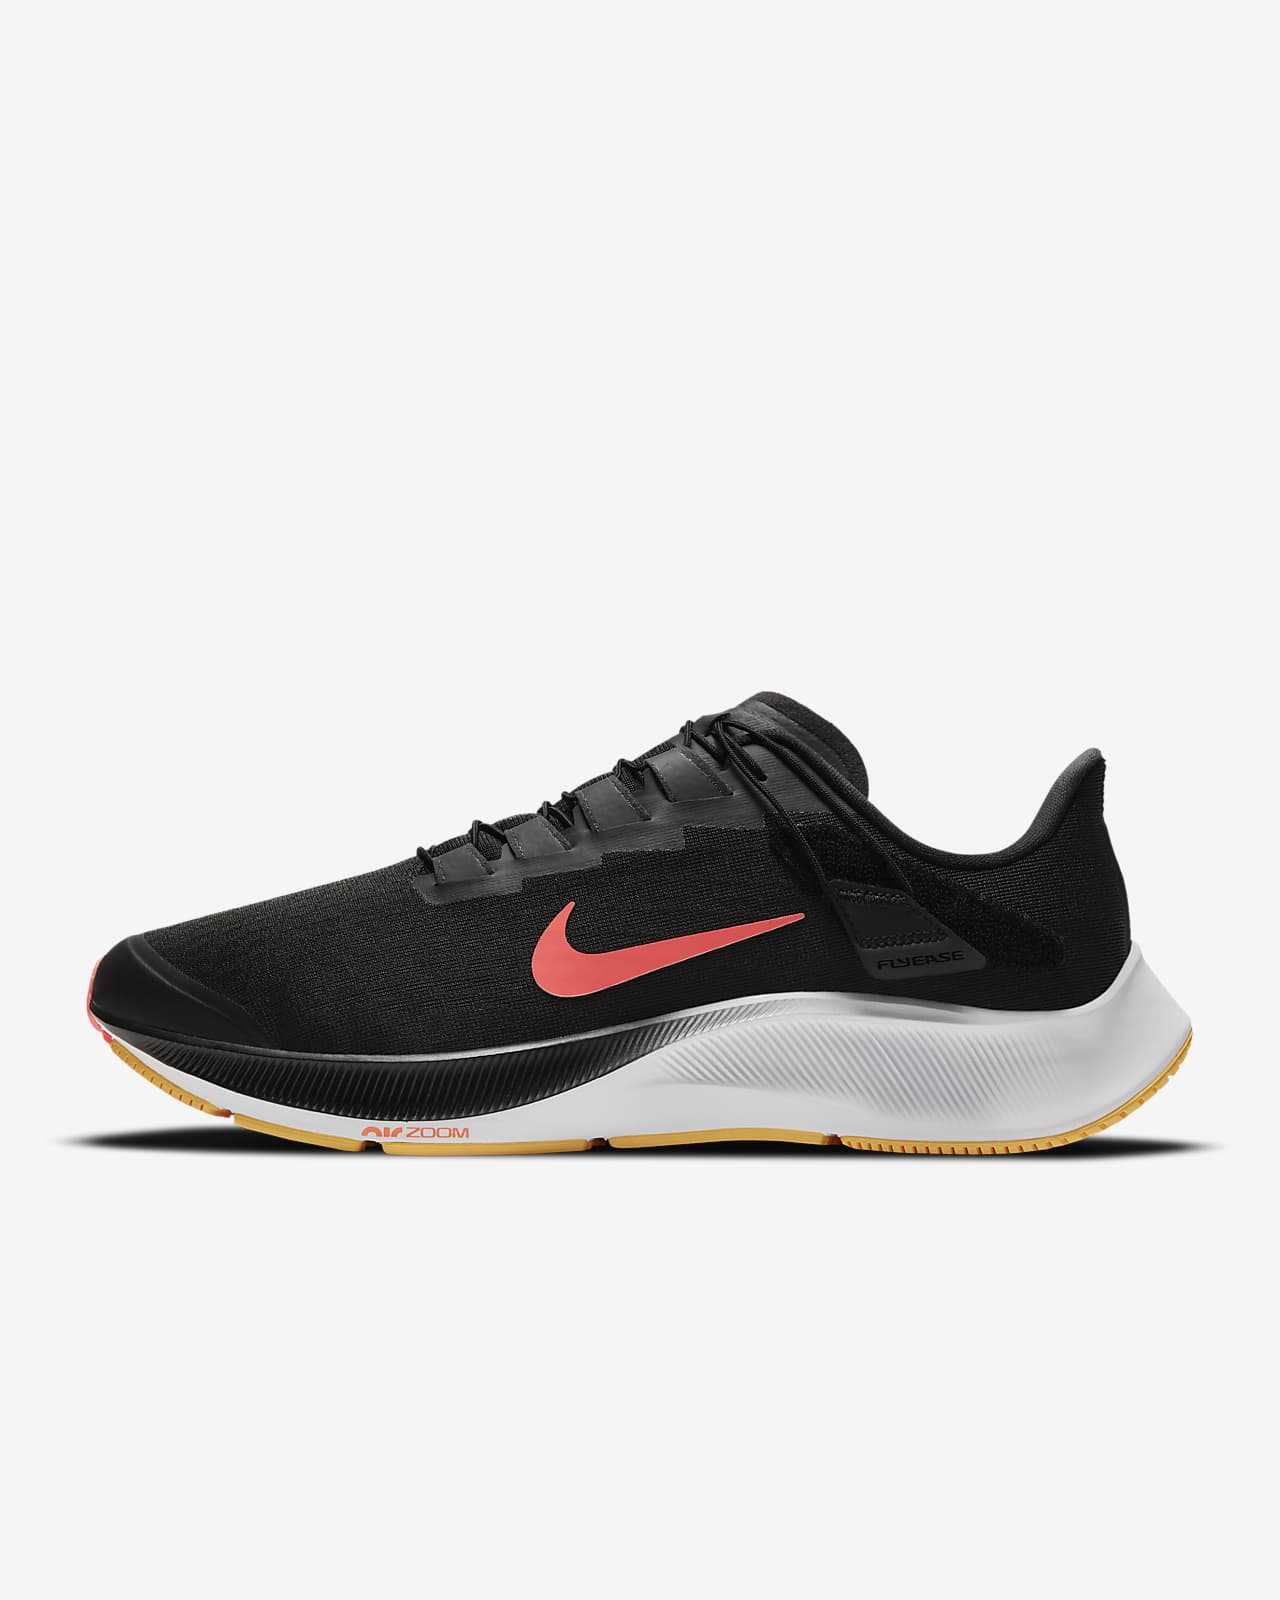 Calzado de running para hombre Nike Air Zoom Pegasus 37 FlyEase